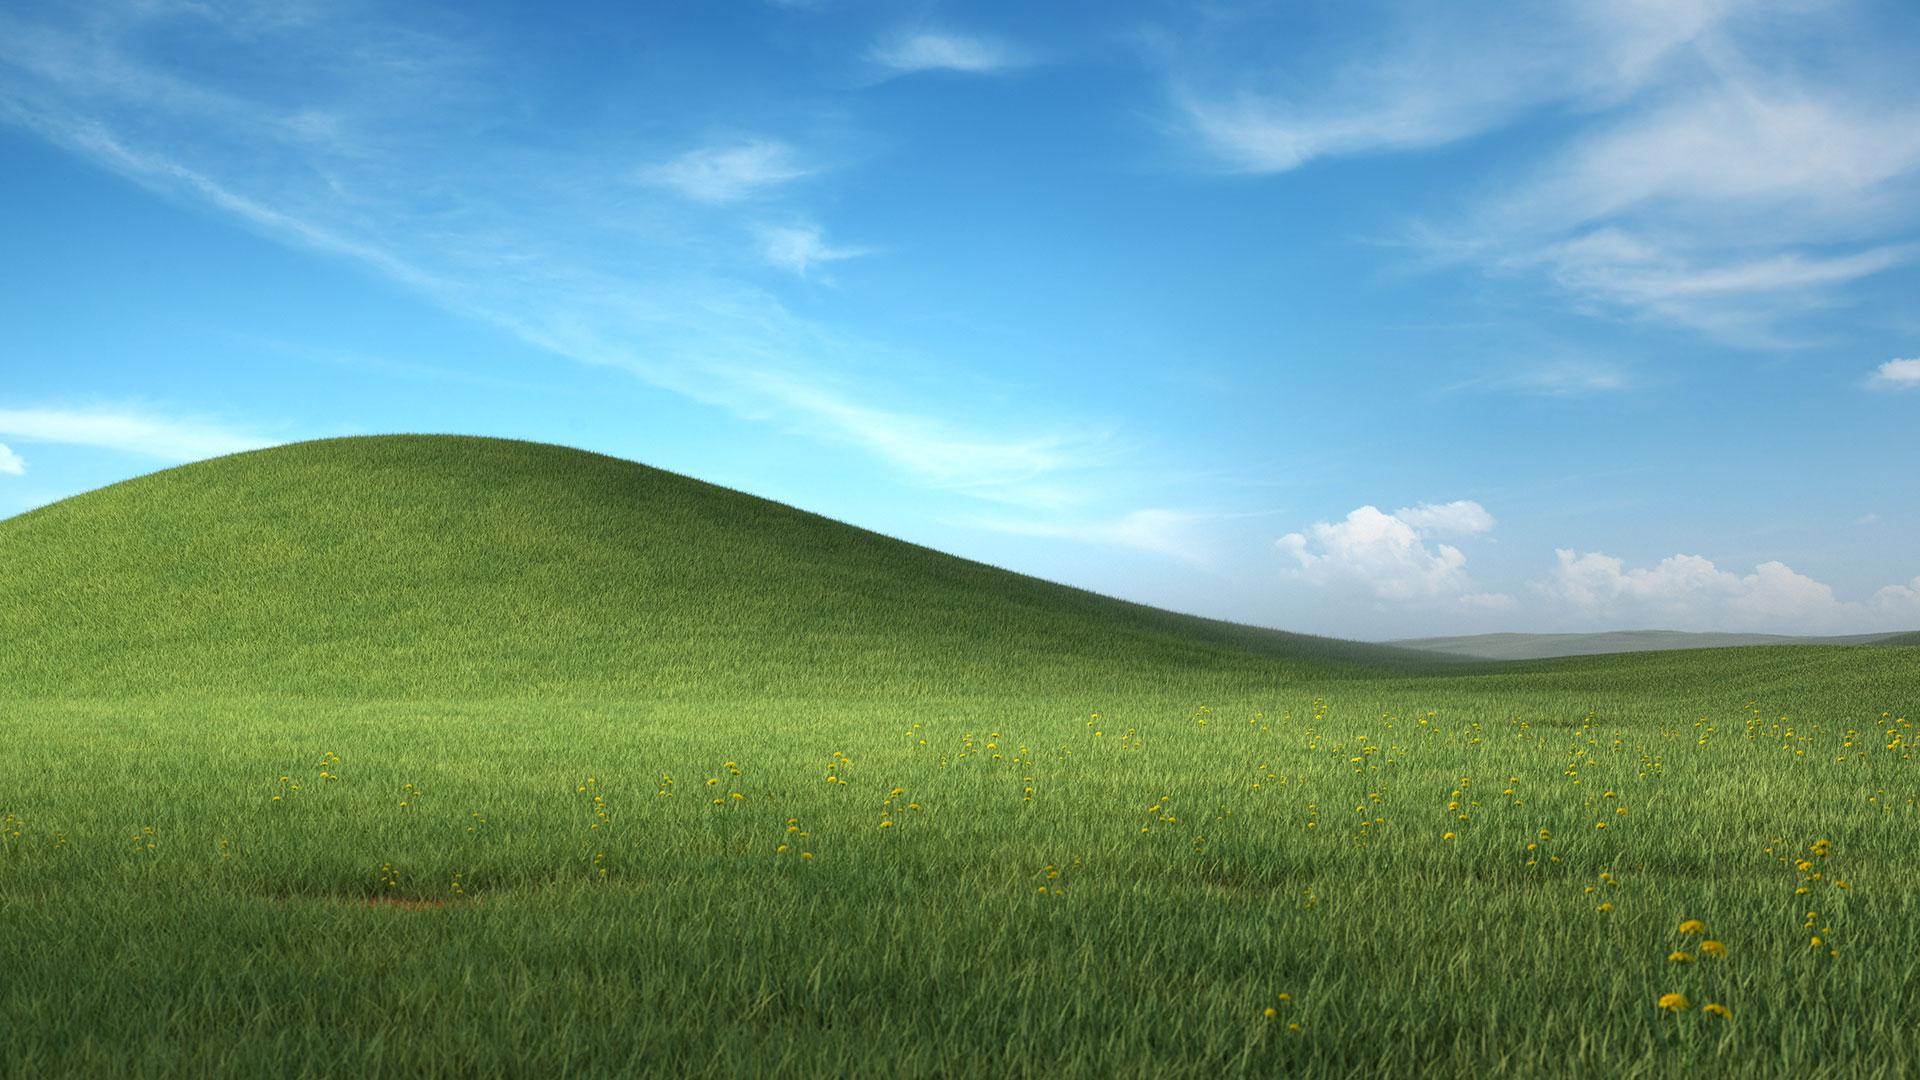 Минутка ностальгии: Microsoft выпустила ретрообои в стиле Windows XP